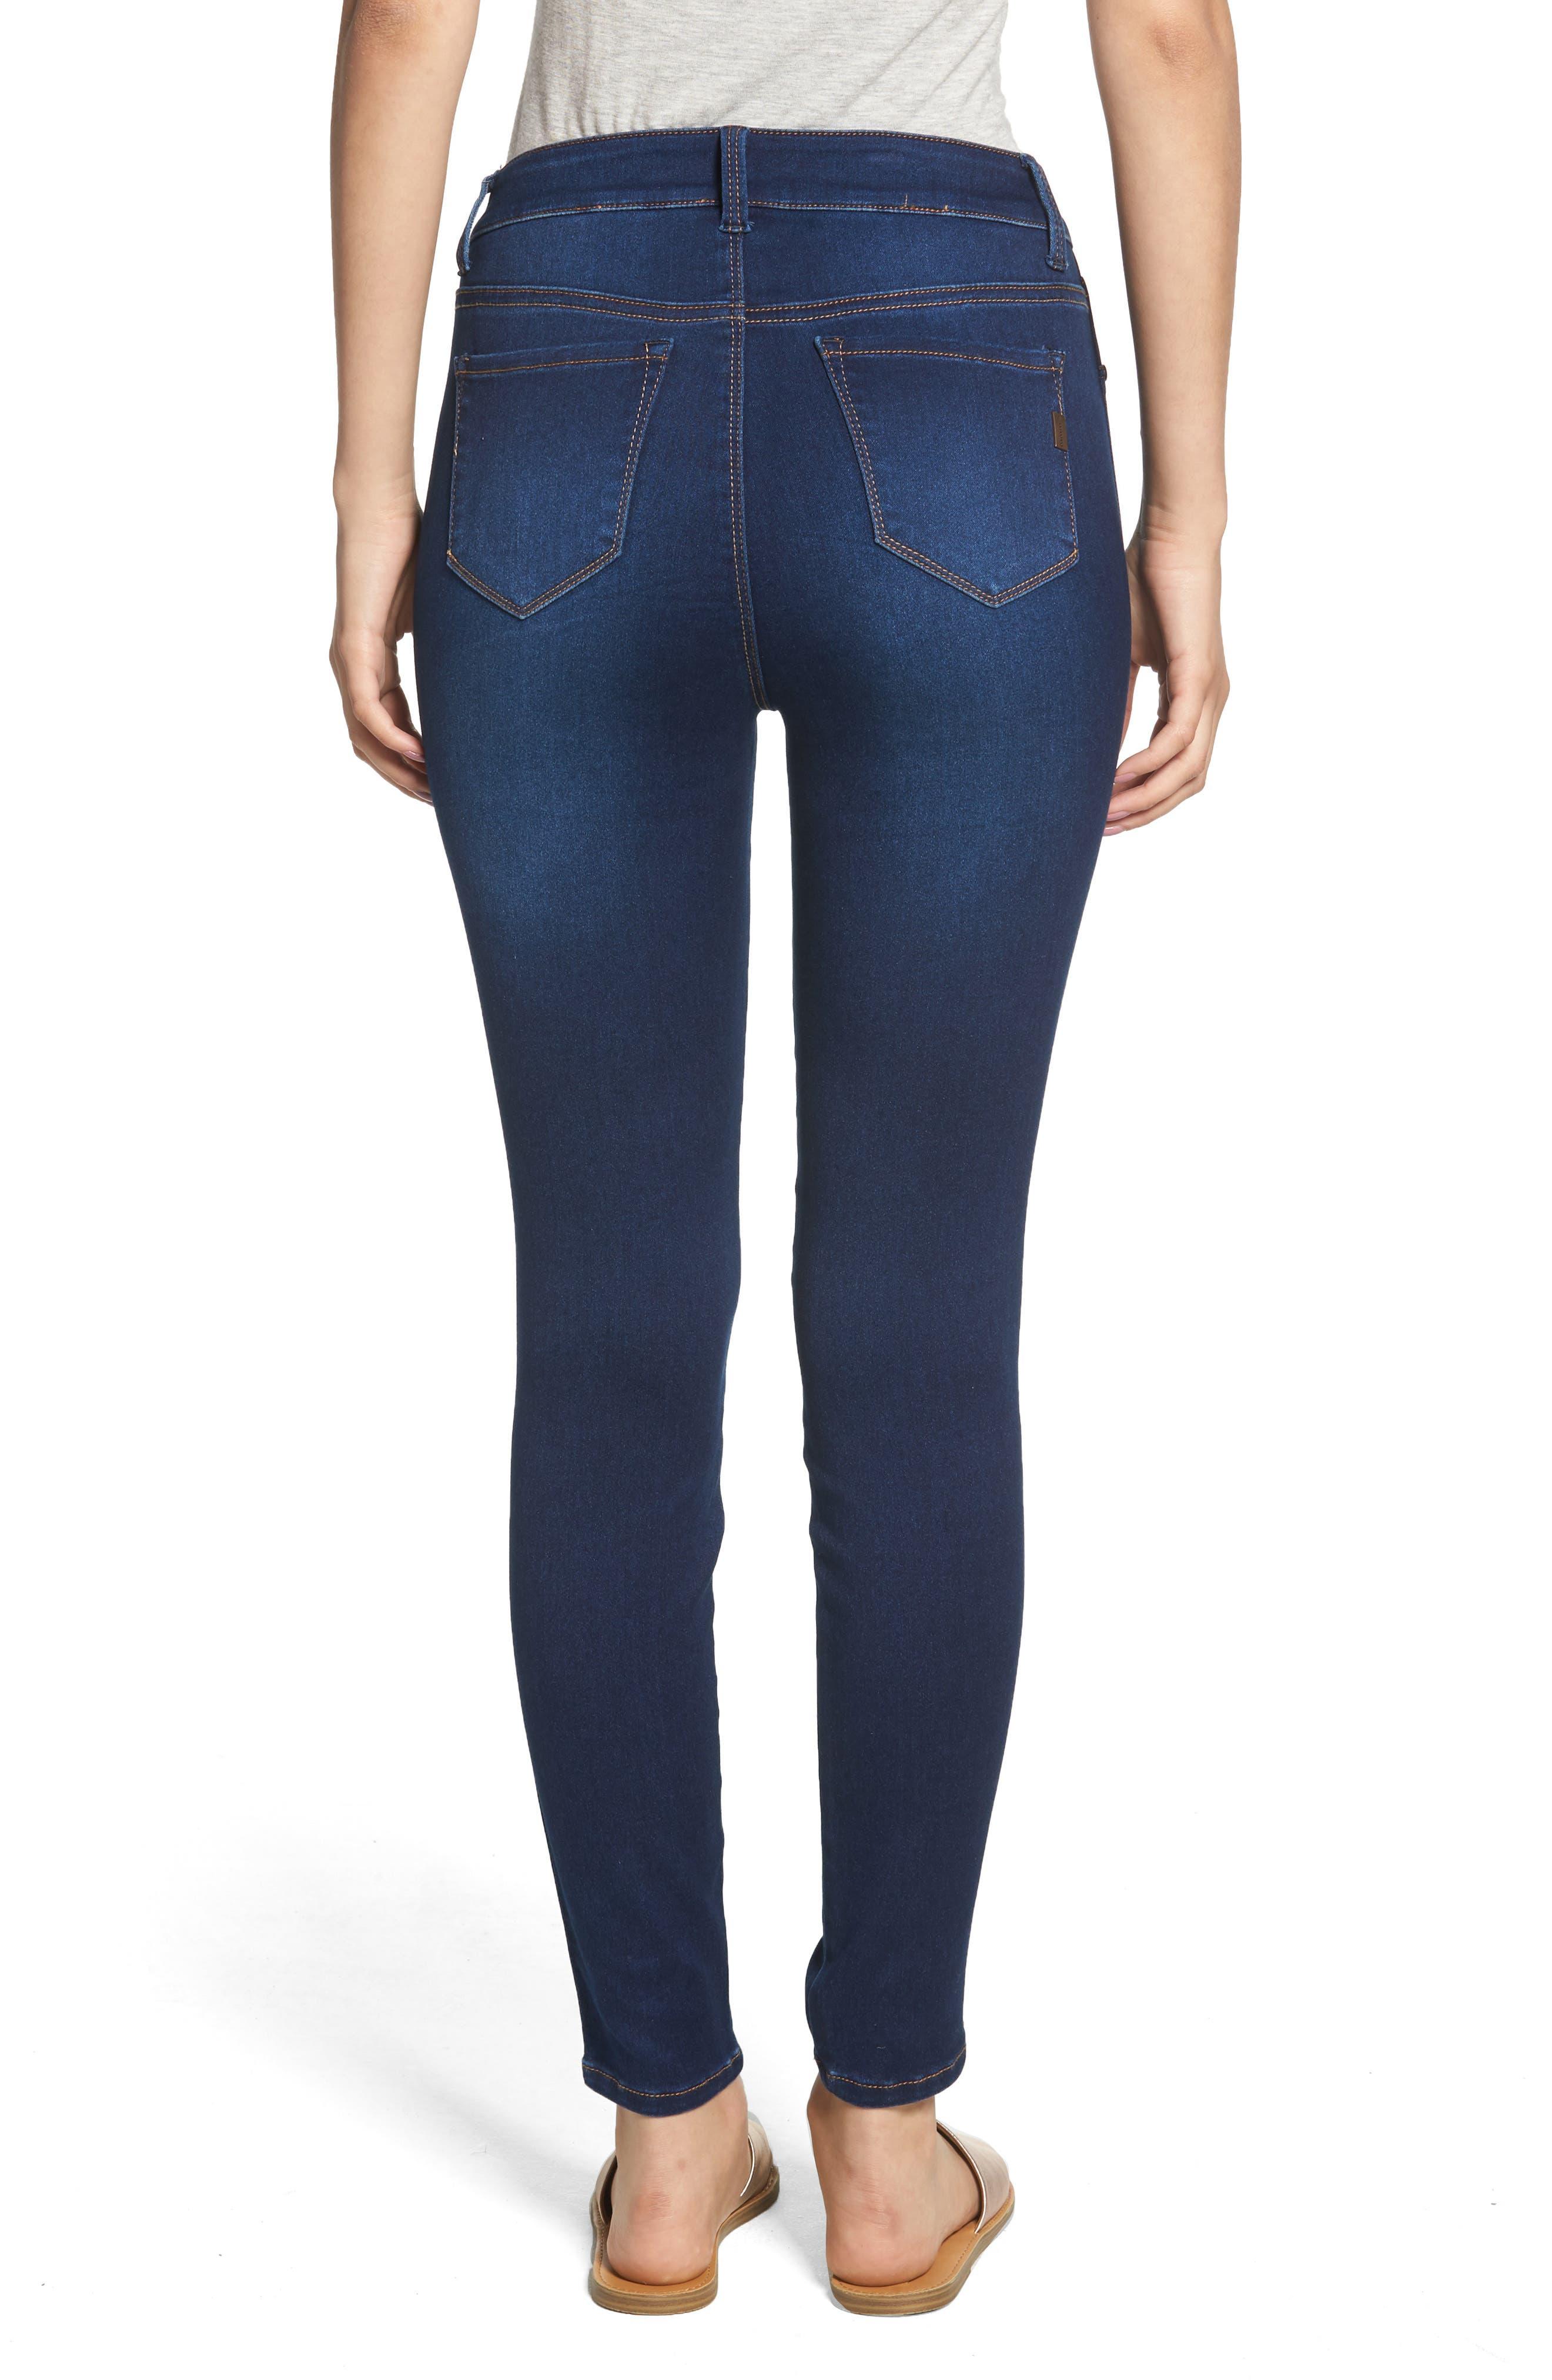 1822 DENIM,                             Butter High Rise Skinny Jeans,                             Alternate thumbnail 2, color,                             LENNOX